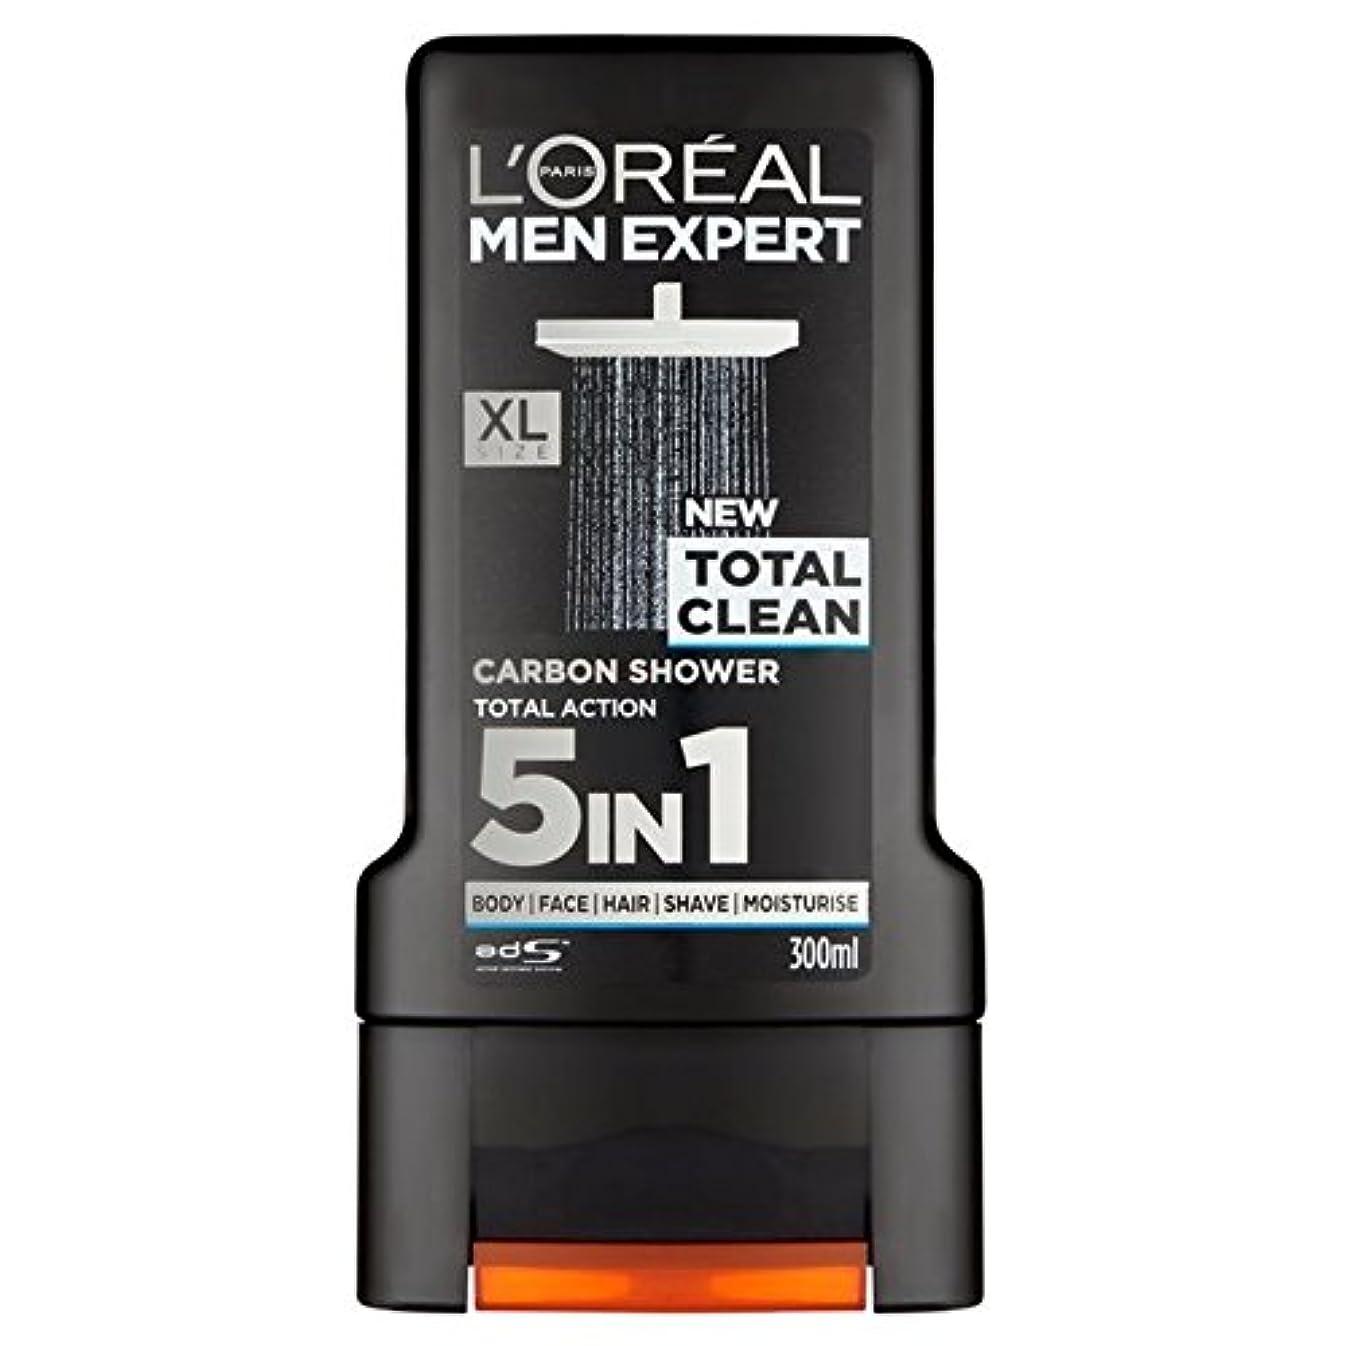 団結するお茶りL'Oreal Paris Men Expert Total Clean Shower Gel 300ml (Pack of 6) - ロレアルパリのメンズ専門トータルクリーンシャワージェル300ミリリットル x6 [並行輸入品]